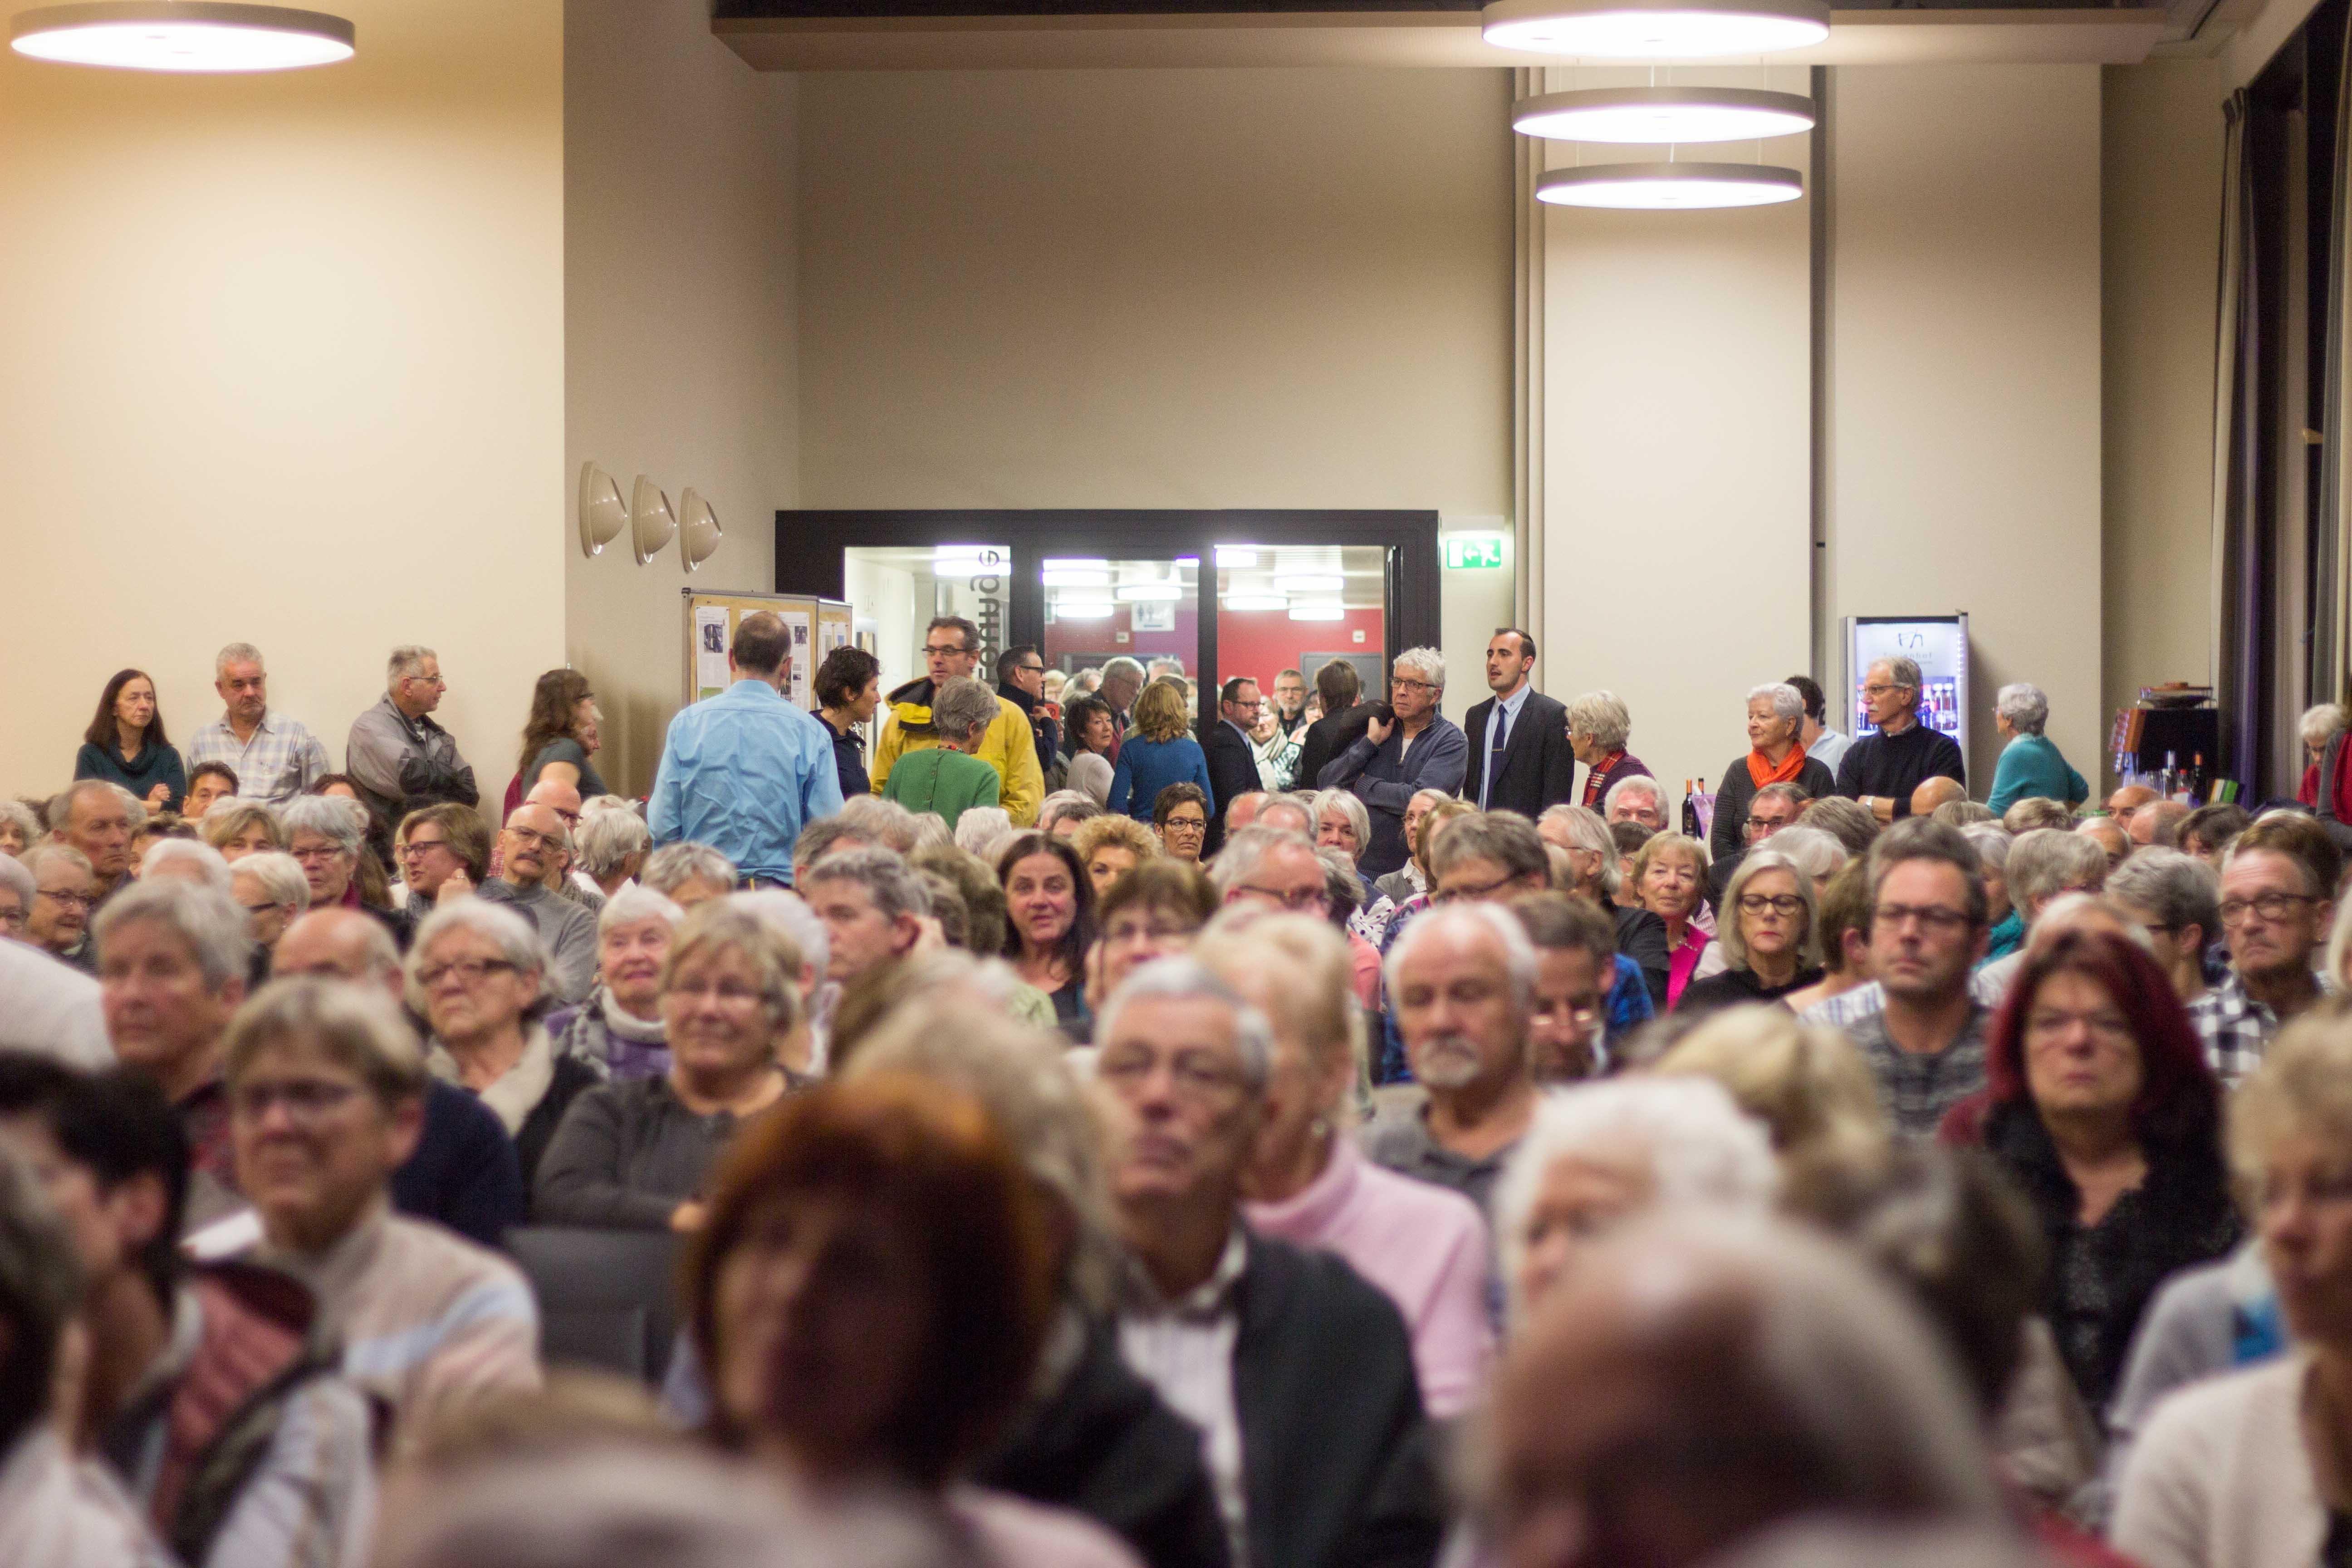 Gespannt lauschen über 300 Leute den Berichten.– Bild: Marielle Schlunegger